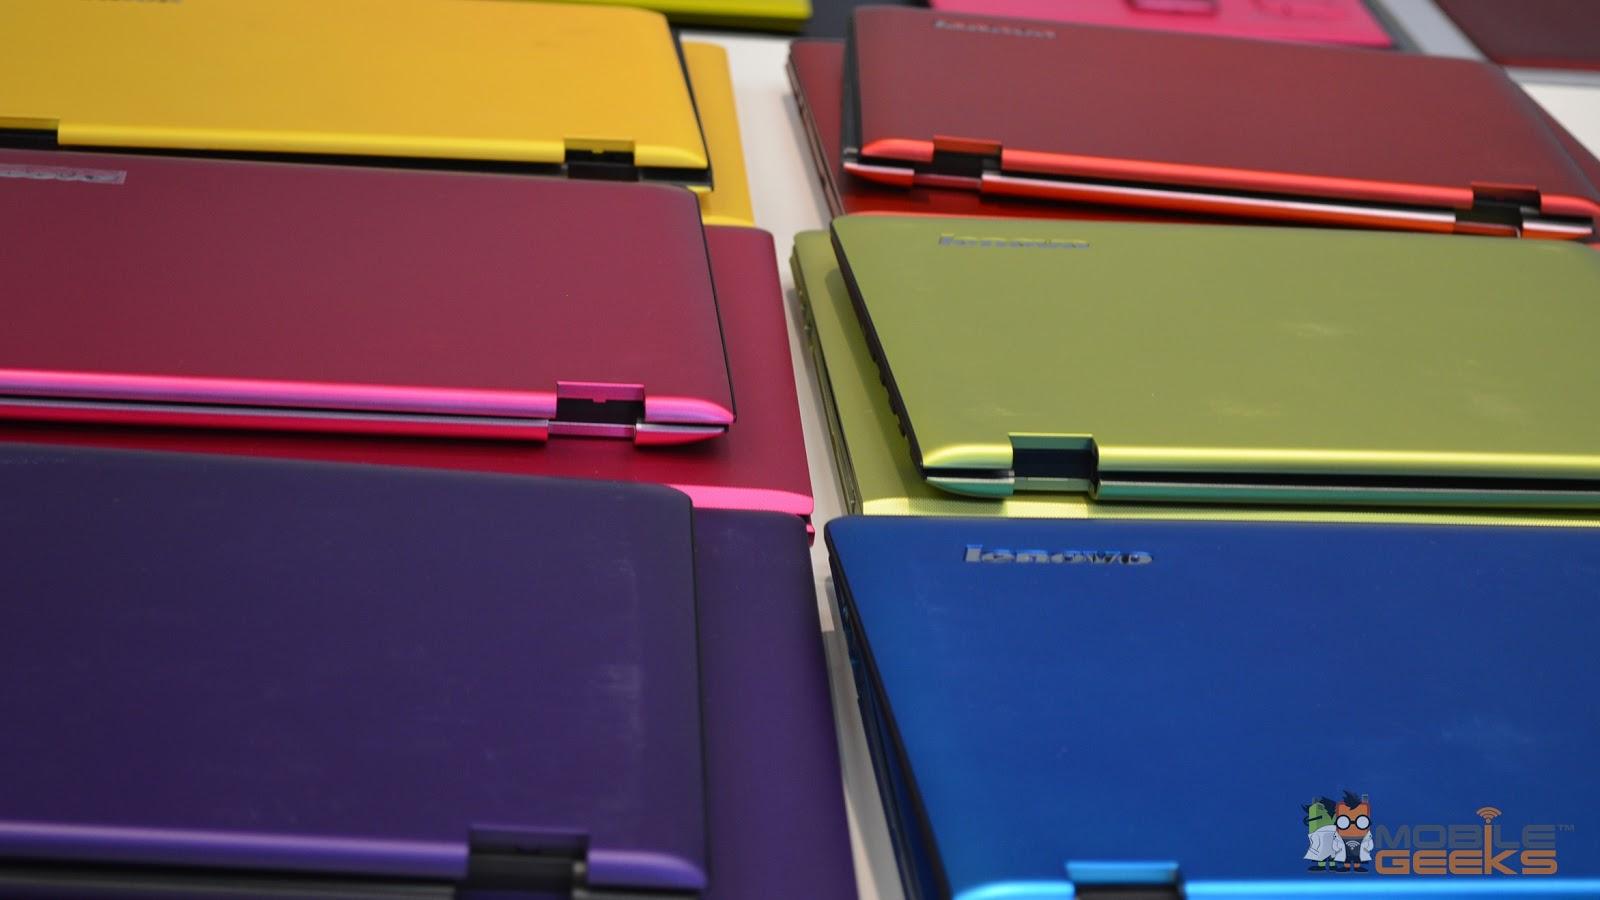 Departamentul de design din cardul companiei Lenovo ne este prezentat într-un material video